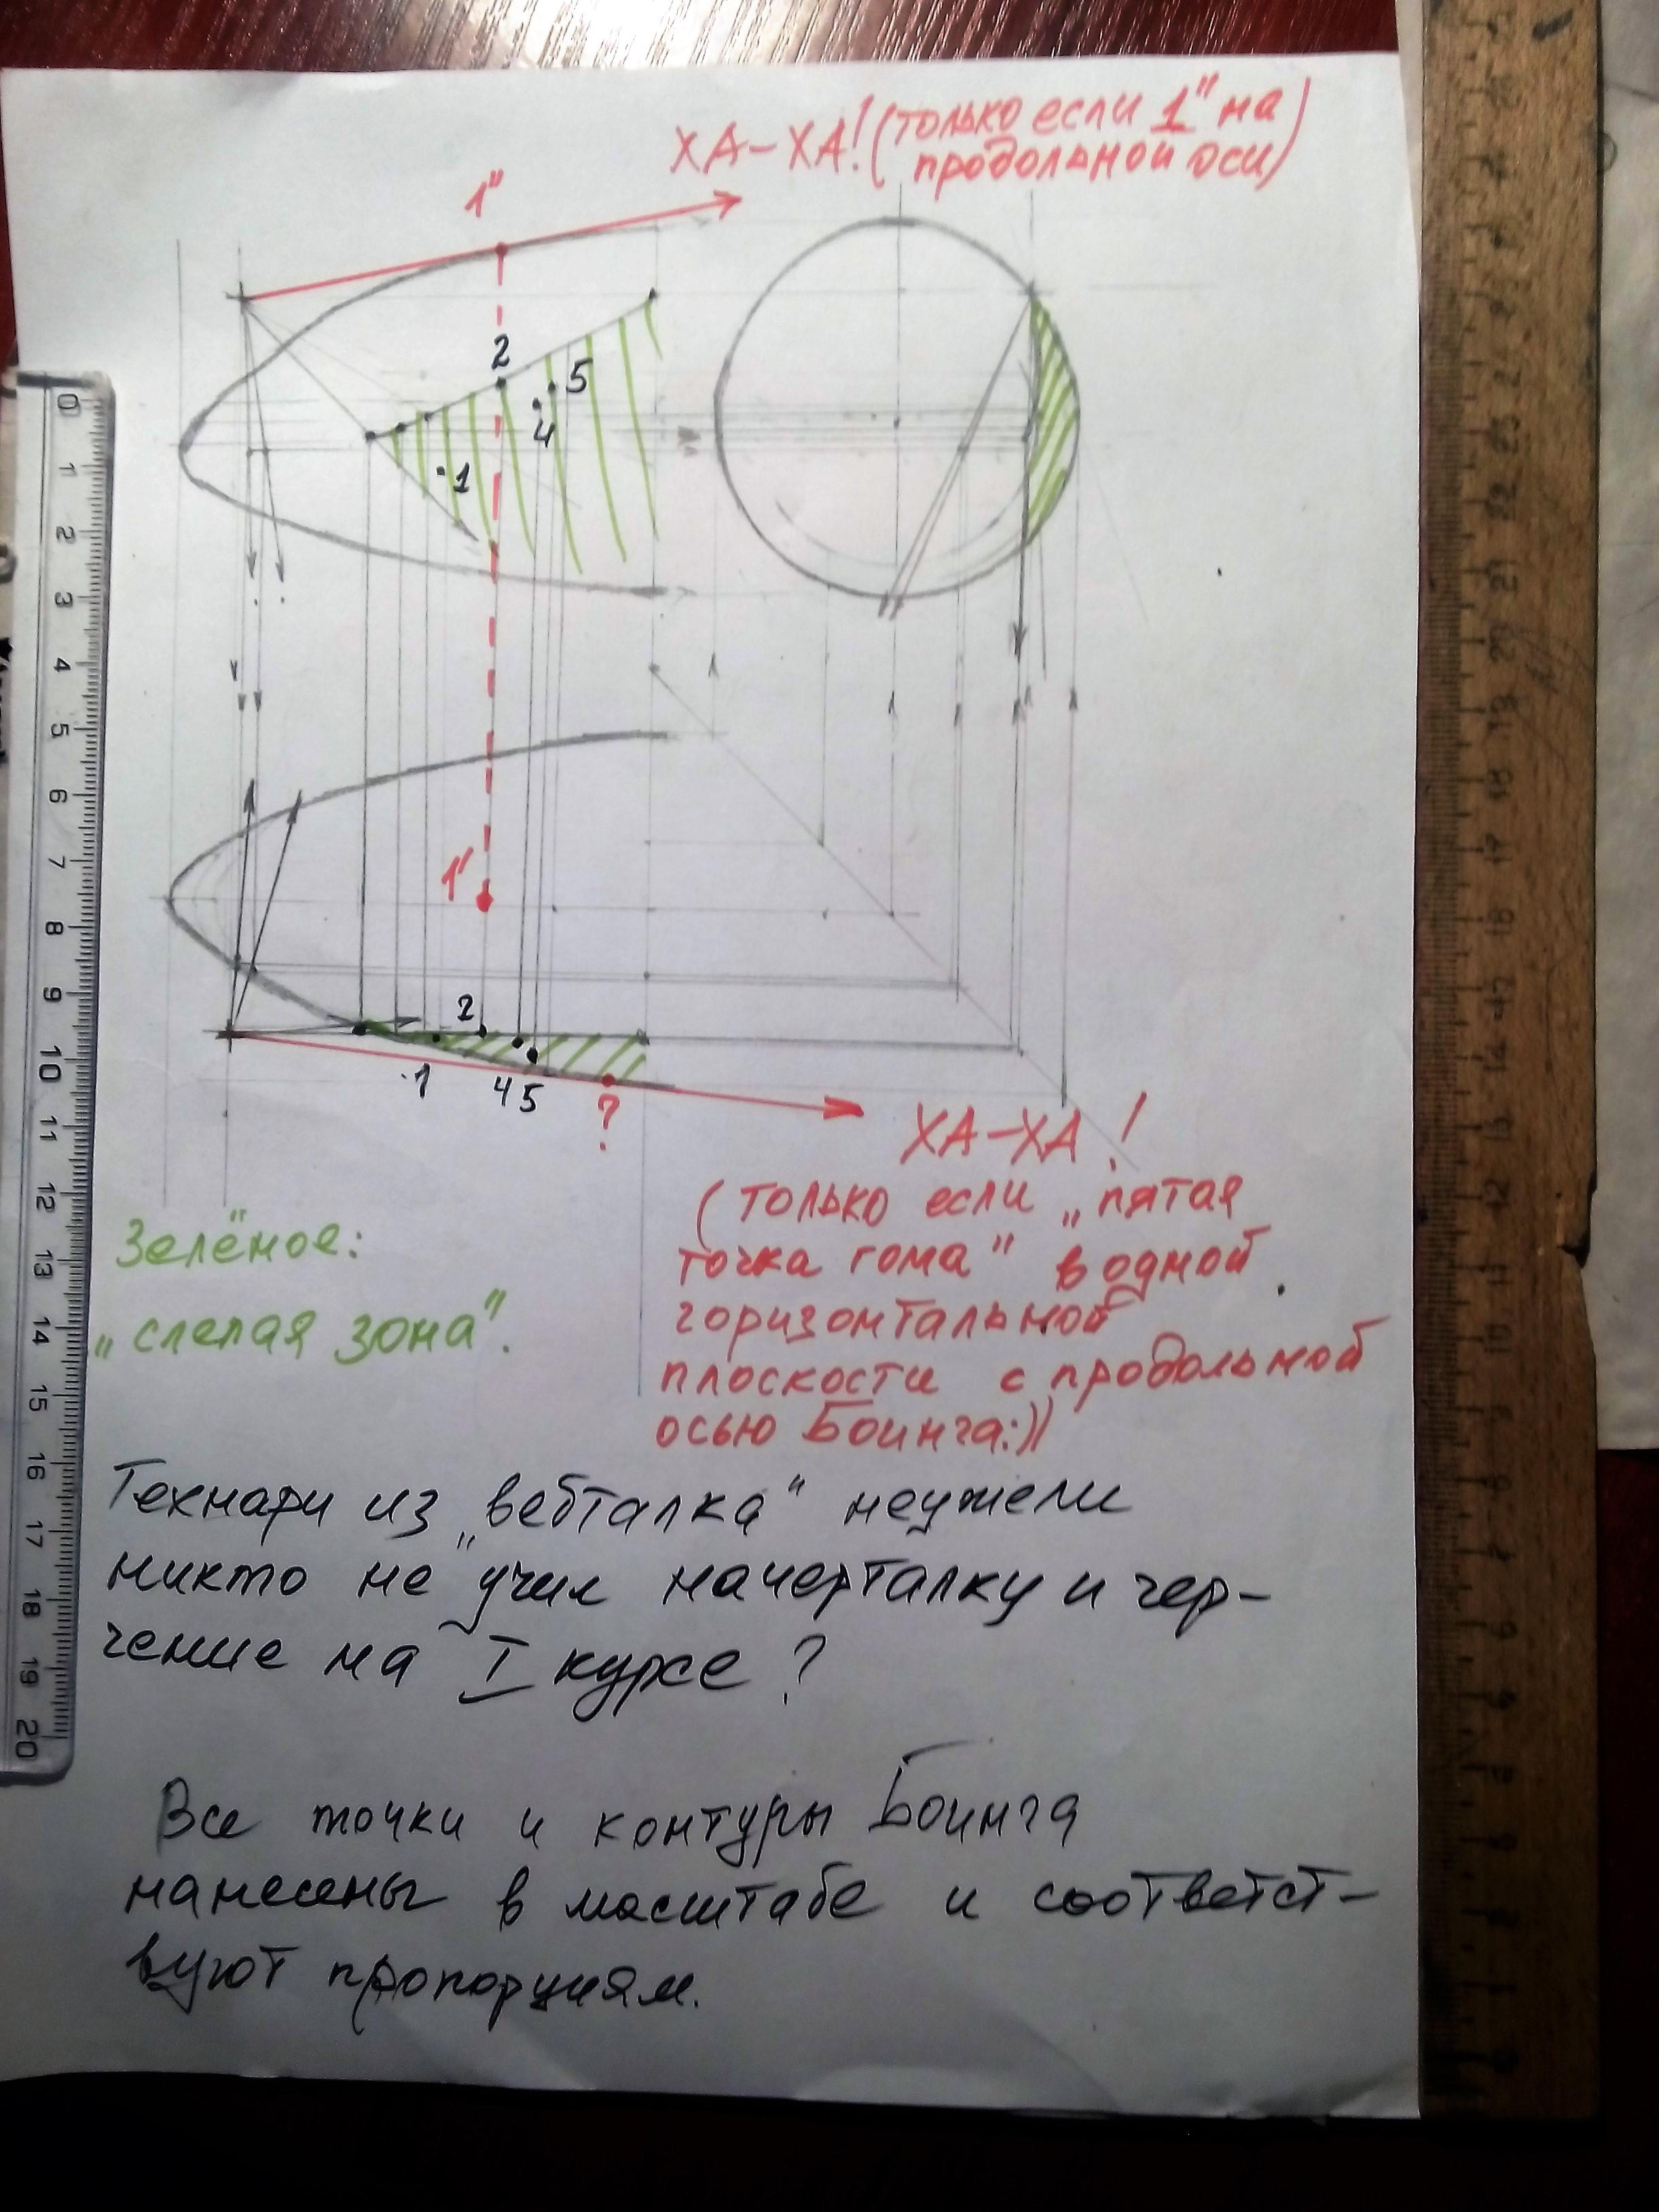 http://images.vfl.ru/ii/1610255233/4c6580cd/32903757.jpg